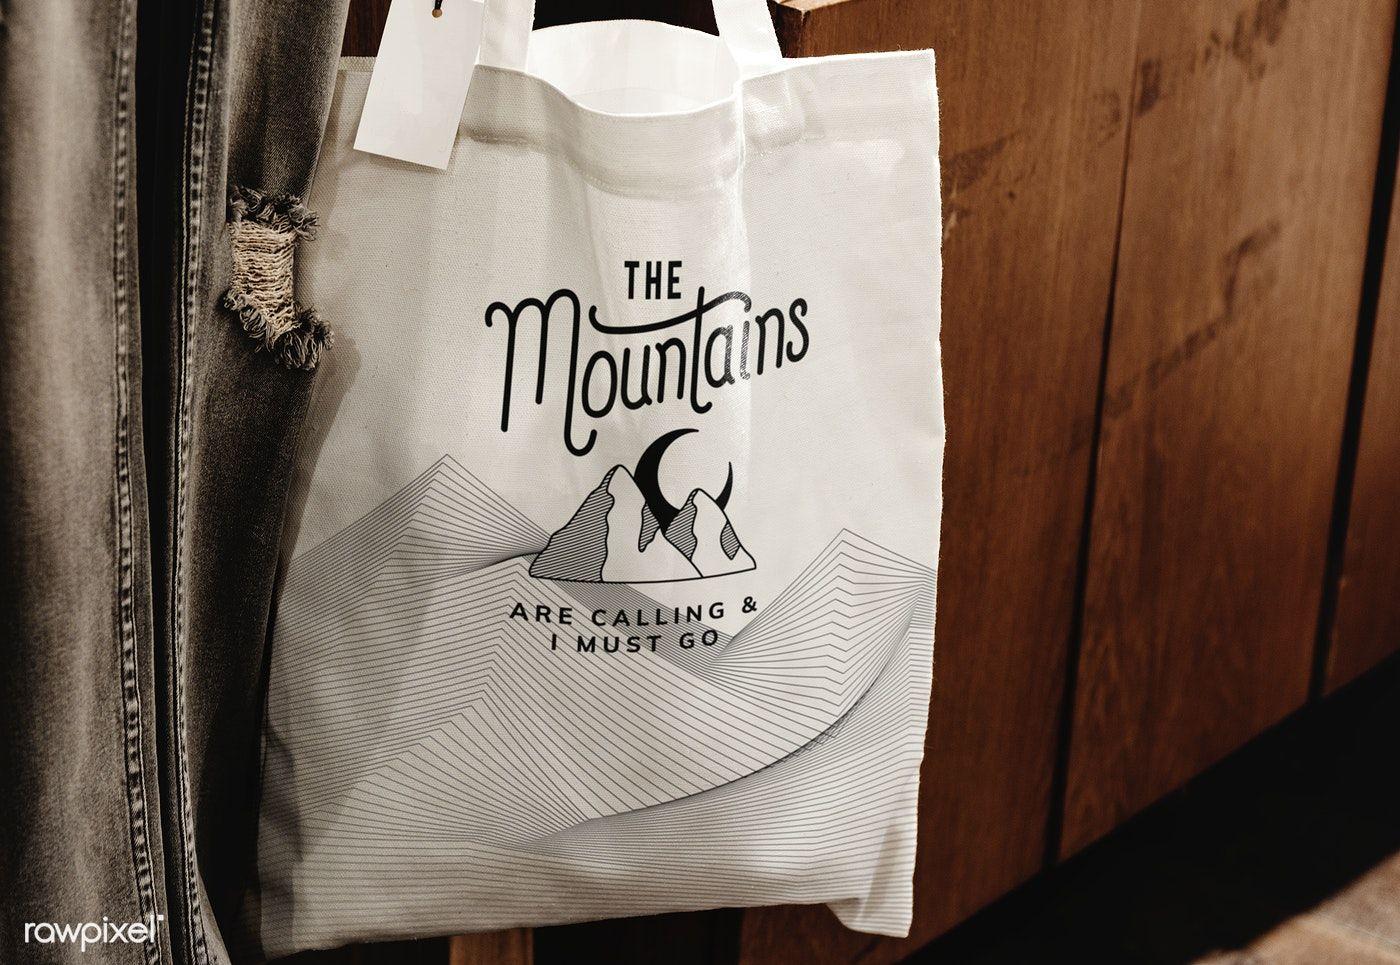 Download Download Premium Psd Of Mockup Of A Reusable Tote Bag 555887 Reusable Tote Bags Design Mockup Free Bag Mockup